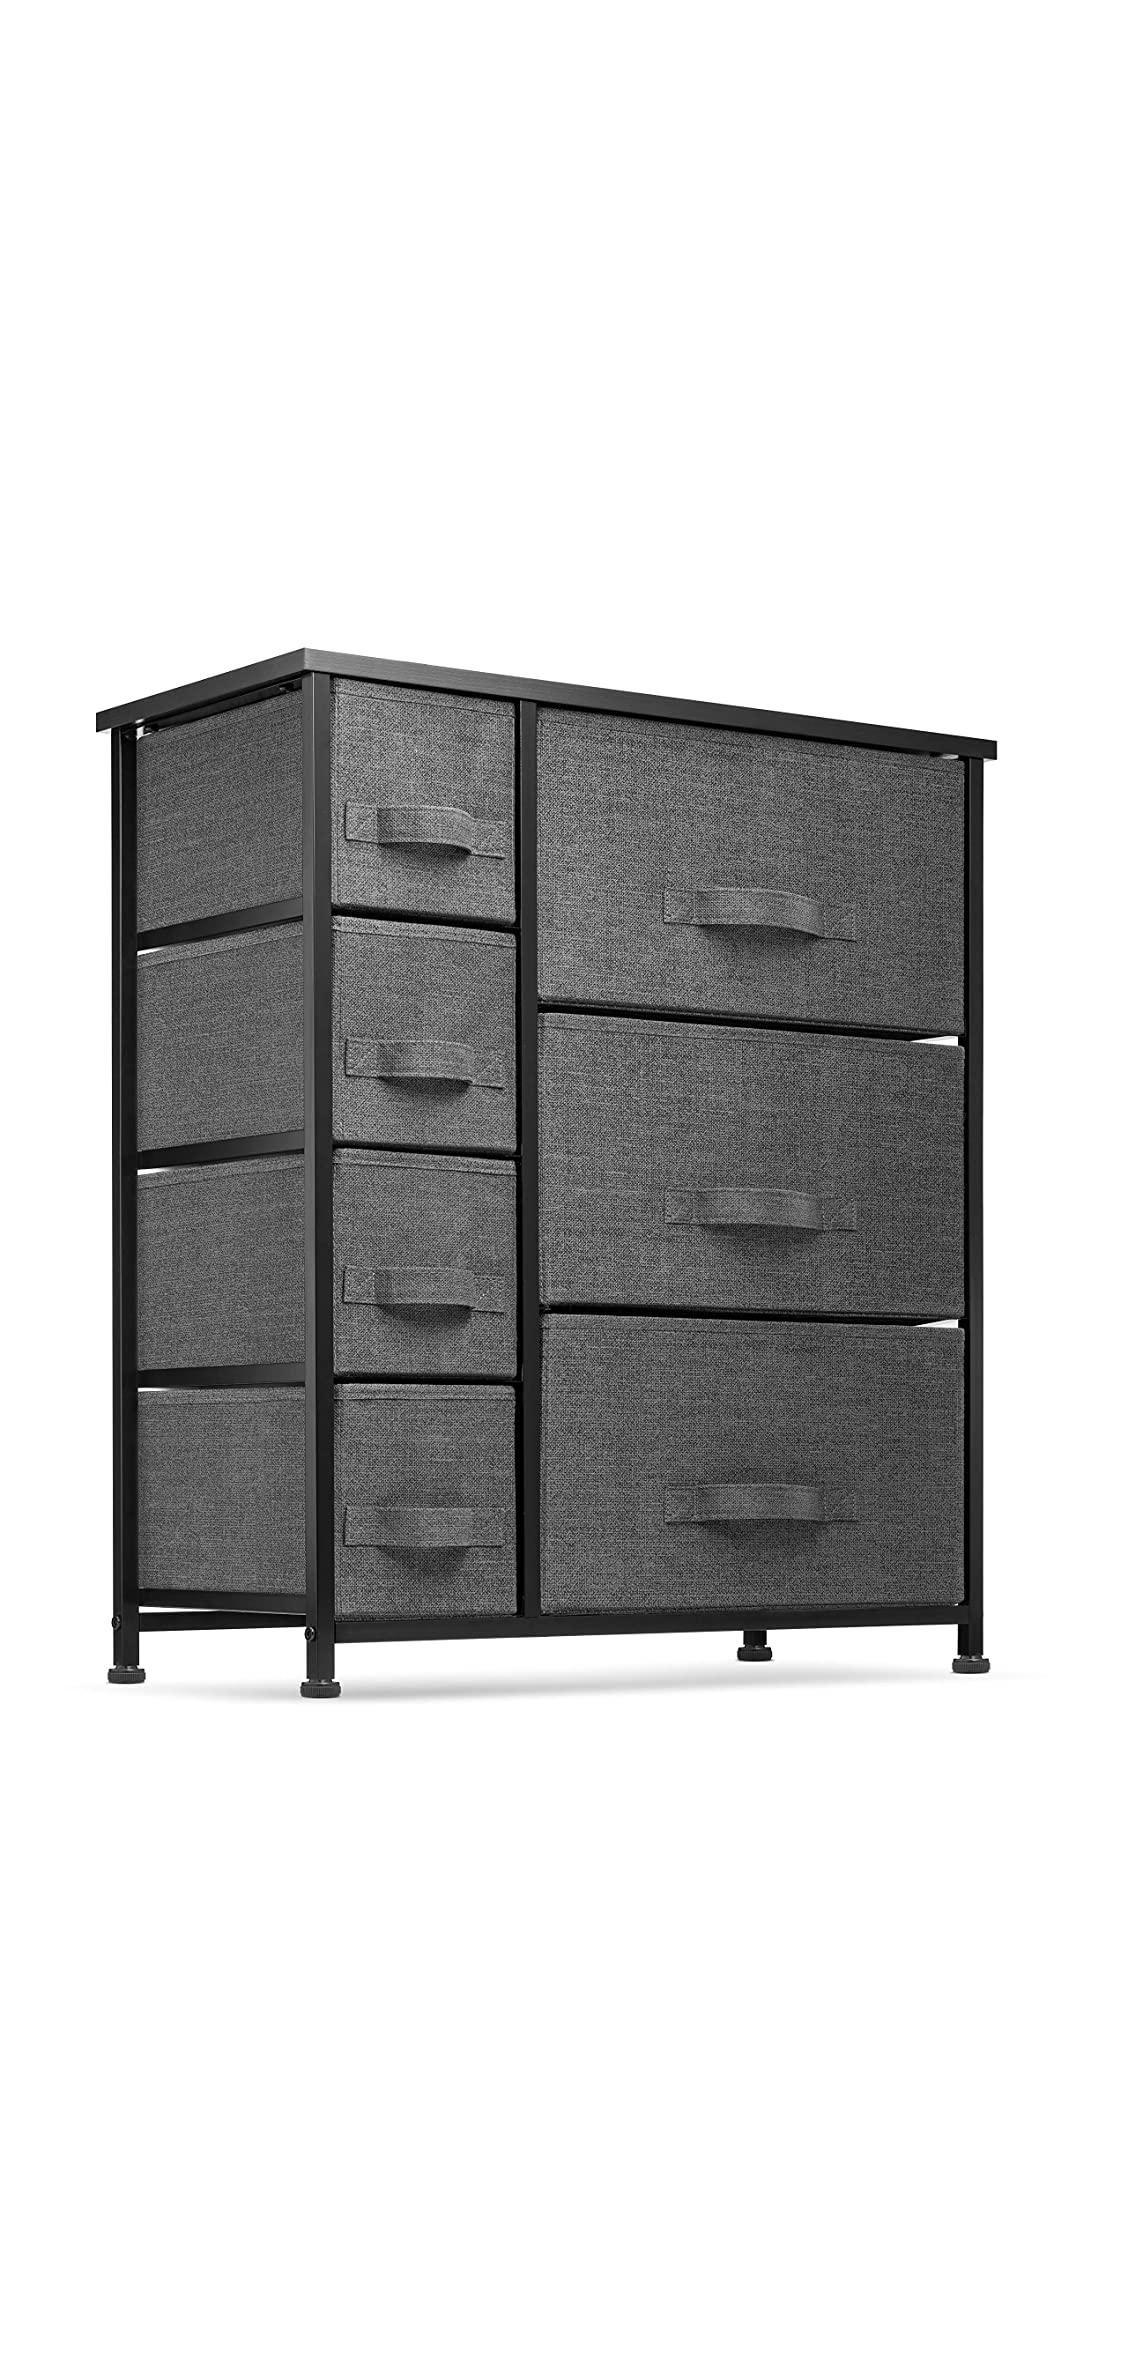 Black Bedroom Furniture 7 Drawers Dresser Furniture Storage Tower Unit Black Bedroom Furniture In 2020